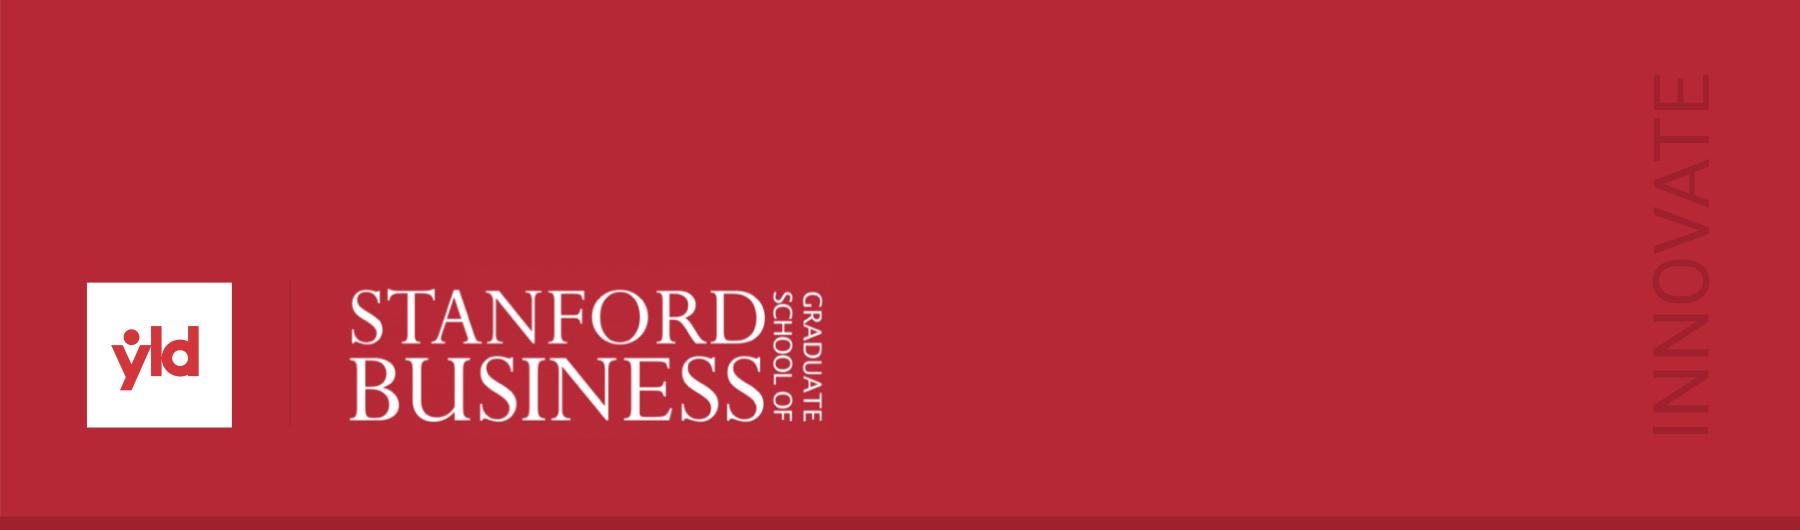 YLD Leadership Series - Stanford November 2019